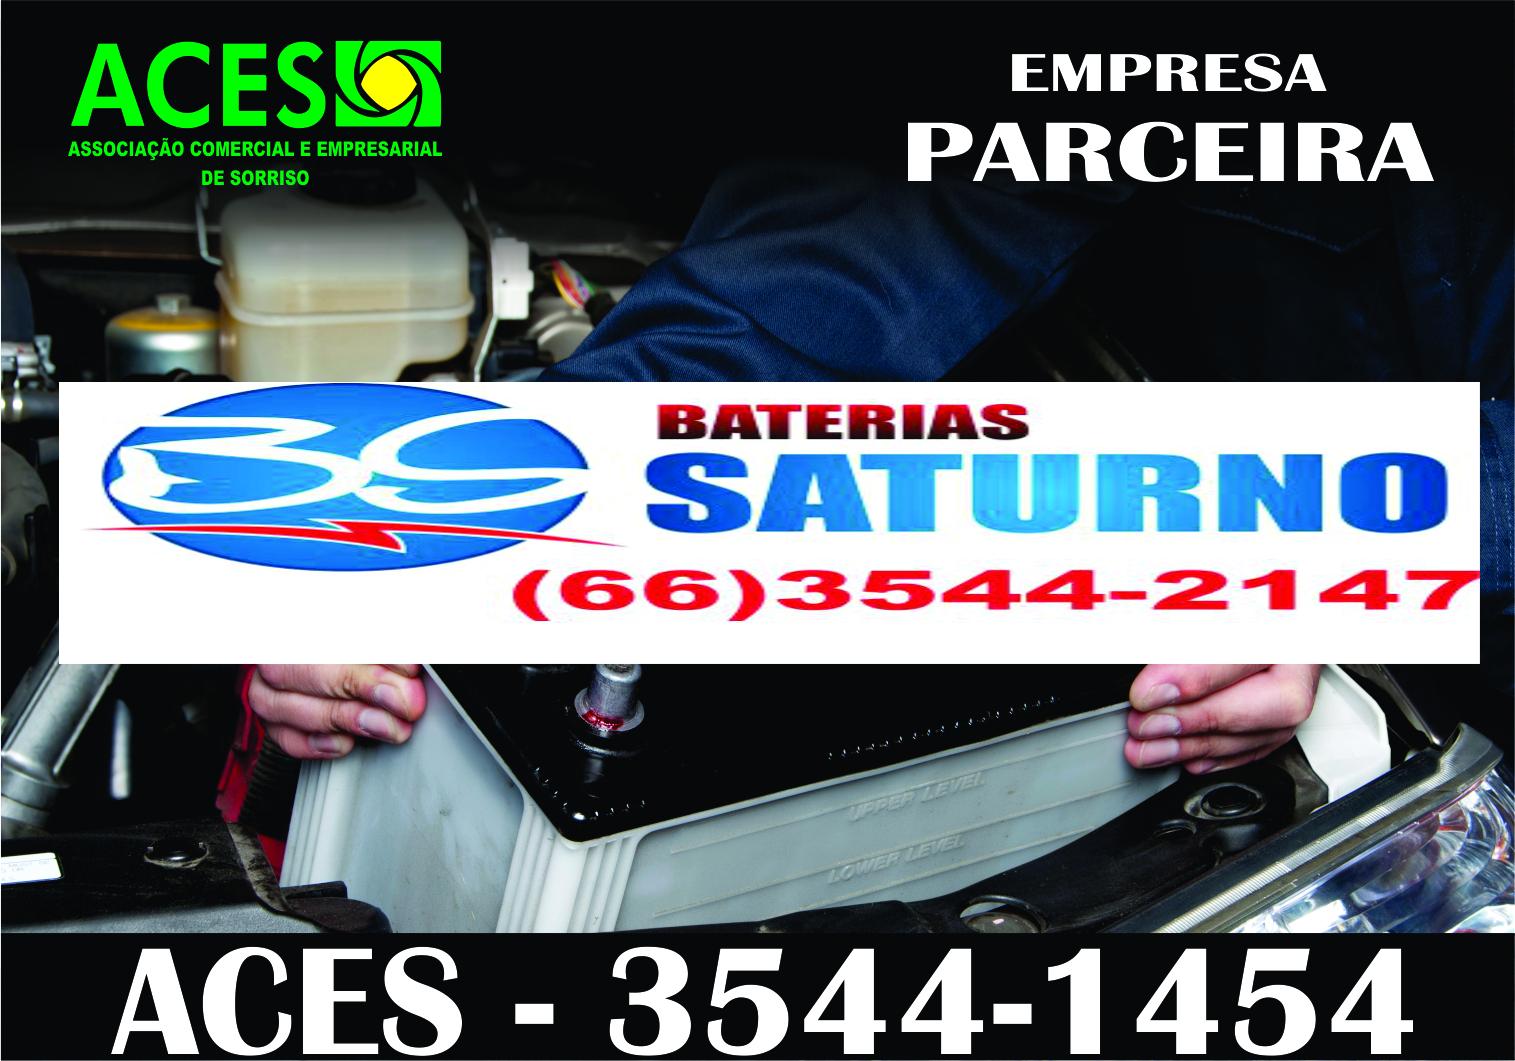 BATERIAS SATURNO